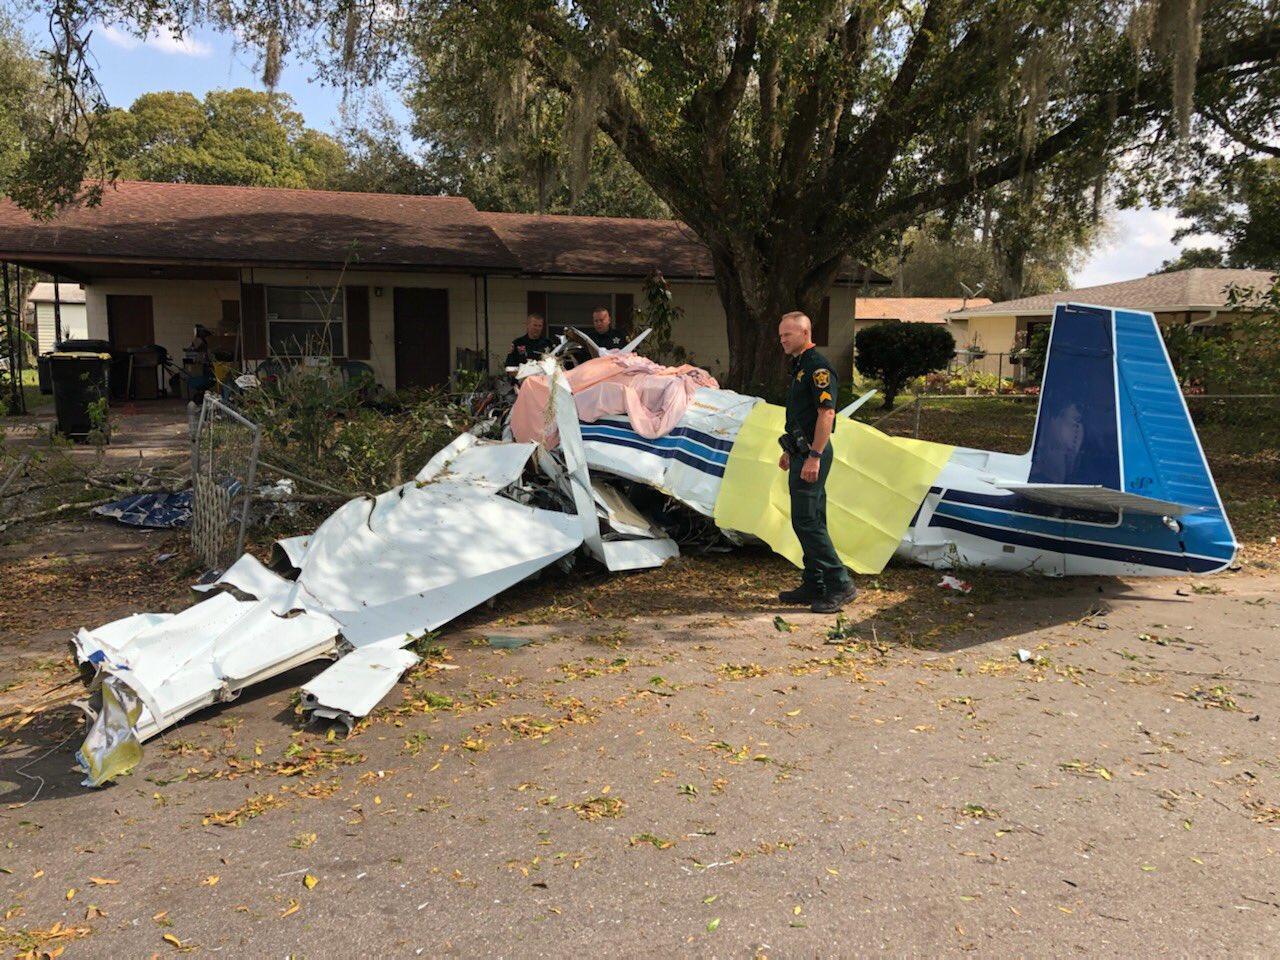 Mueren dos personas al estrellarse una avioneta contra una vivienda en EEUU